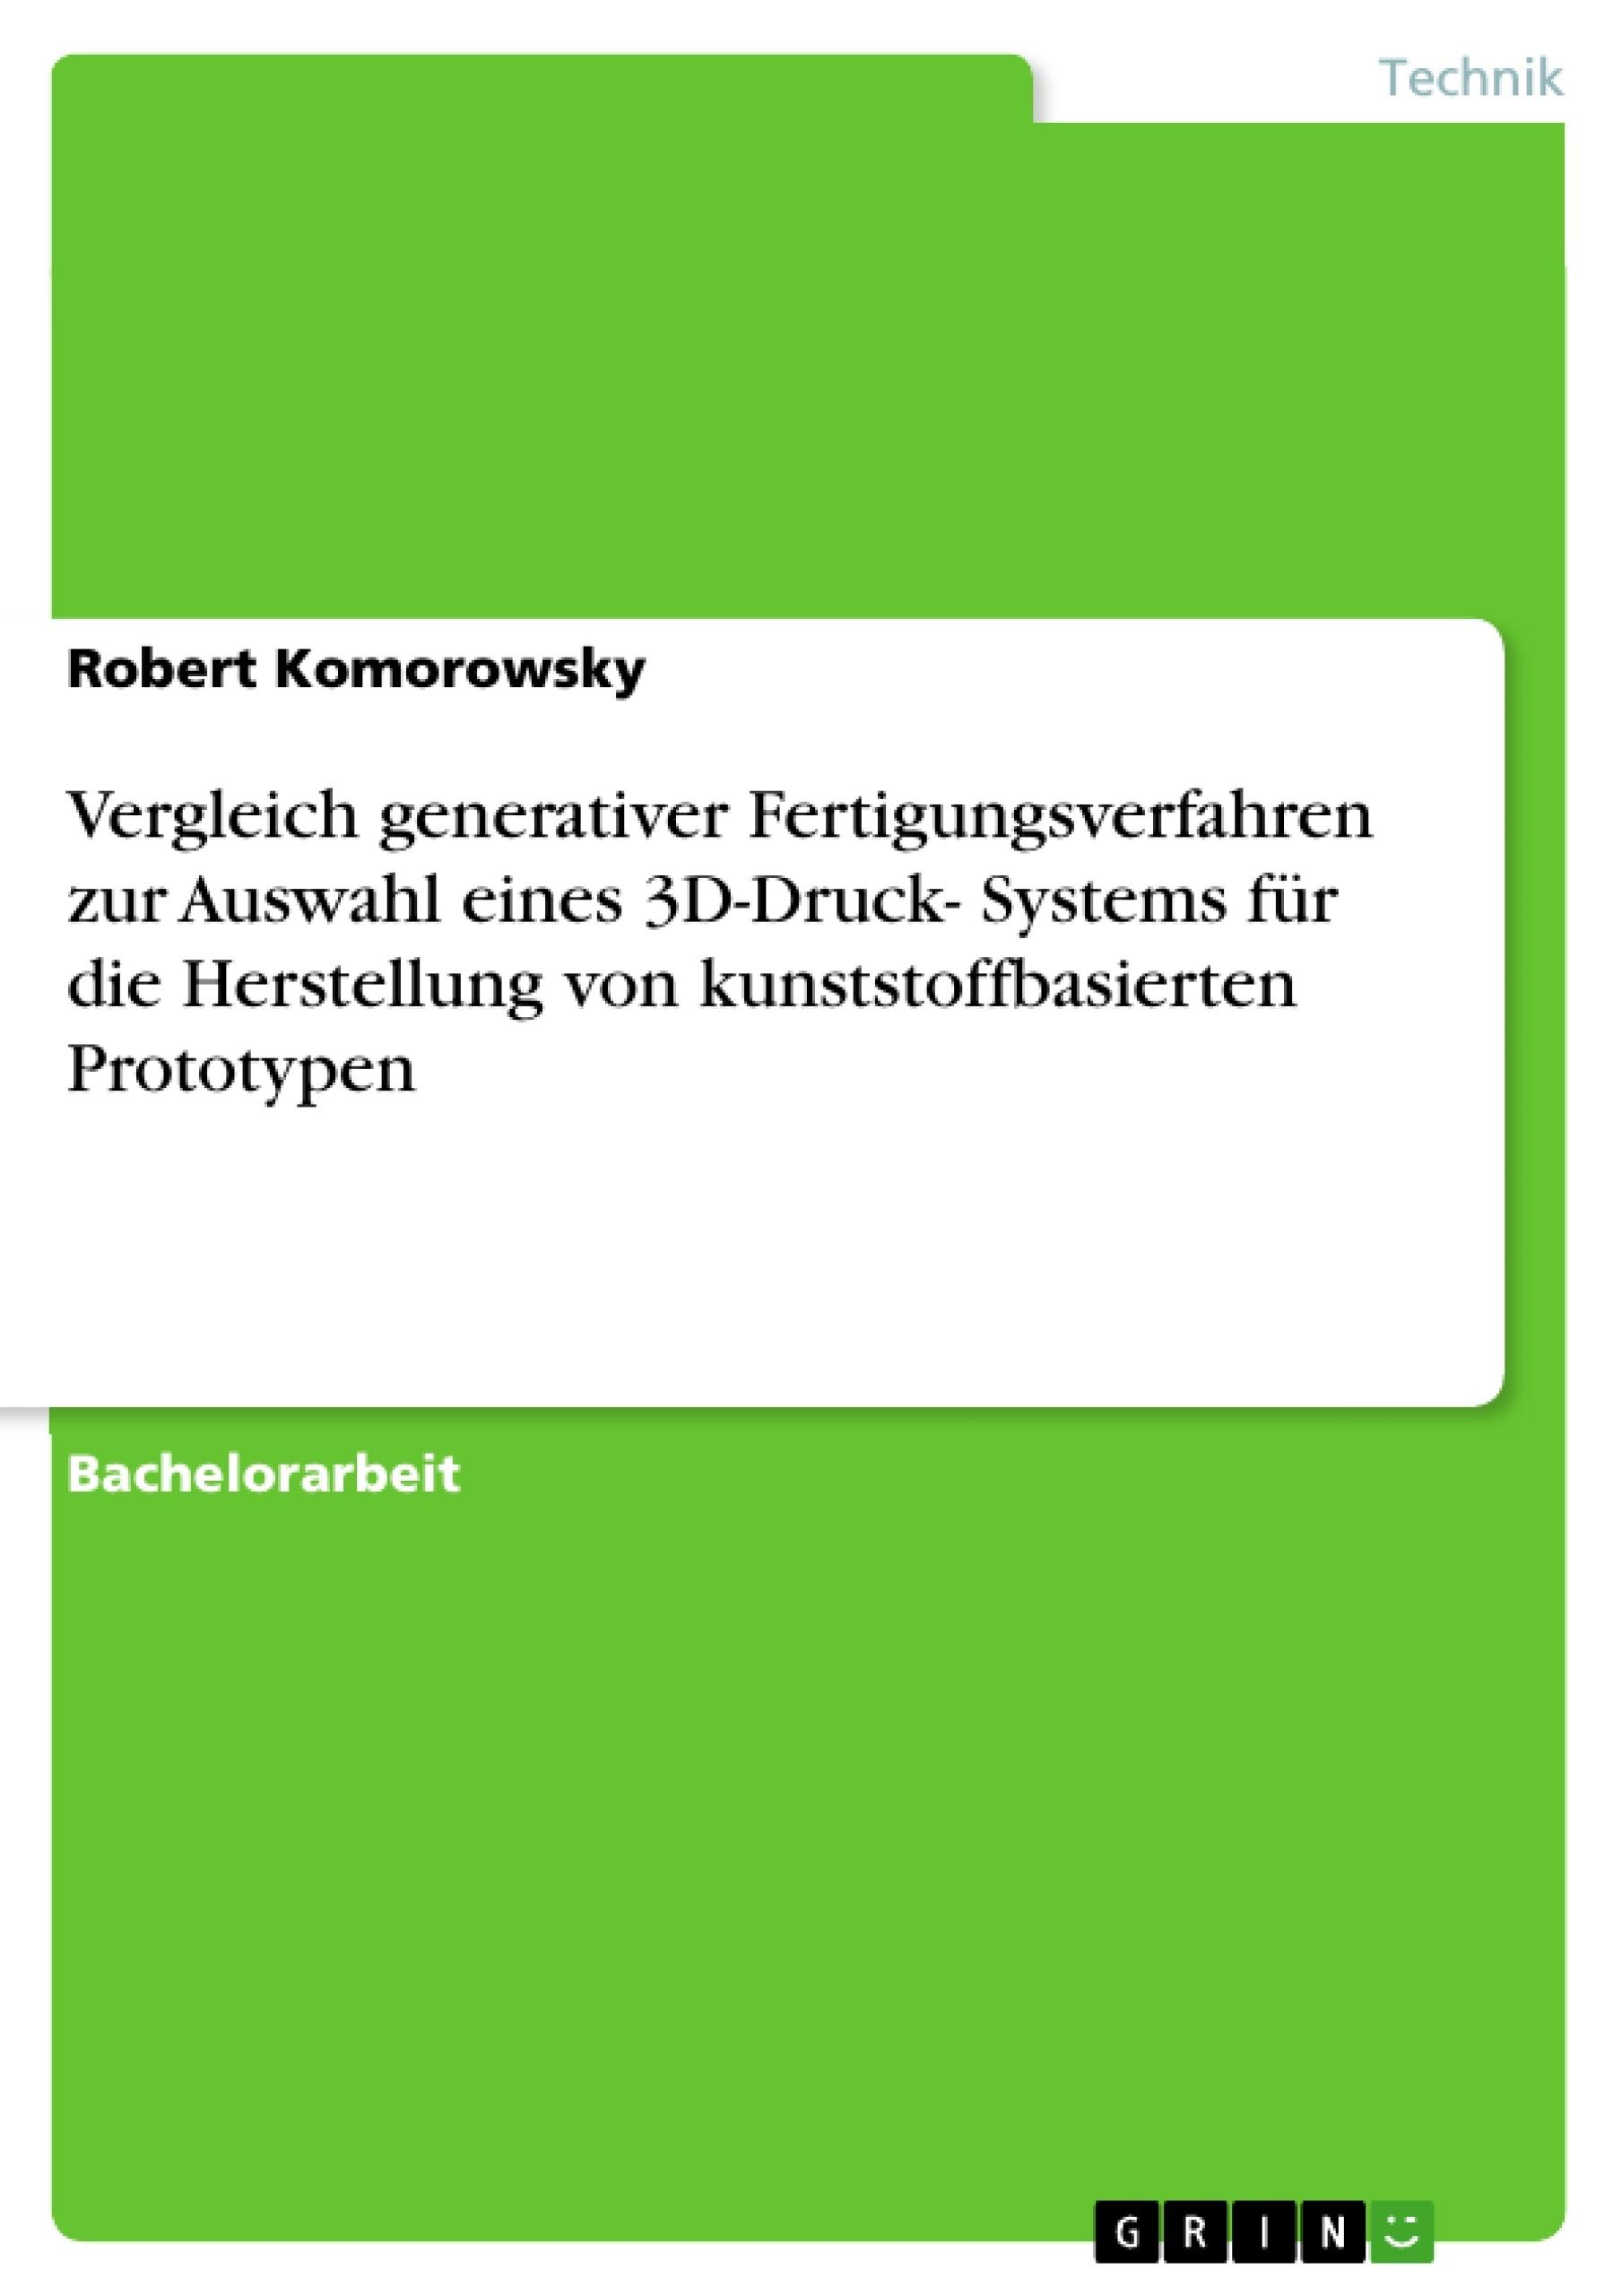 Titel: Vergleich generativer Fertigungsverfahren zur Auswahl eines 3D-Druck- Systems für die Herstellung von kunststoffbasierten Prototypen